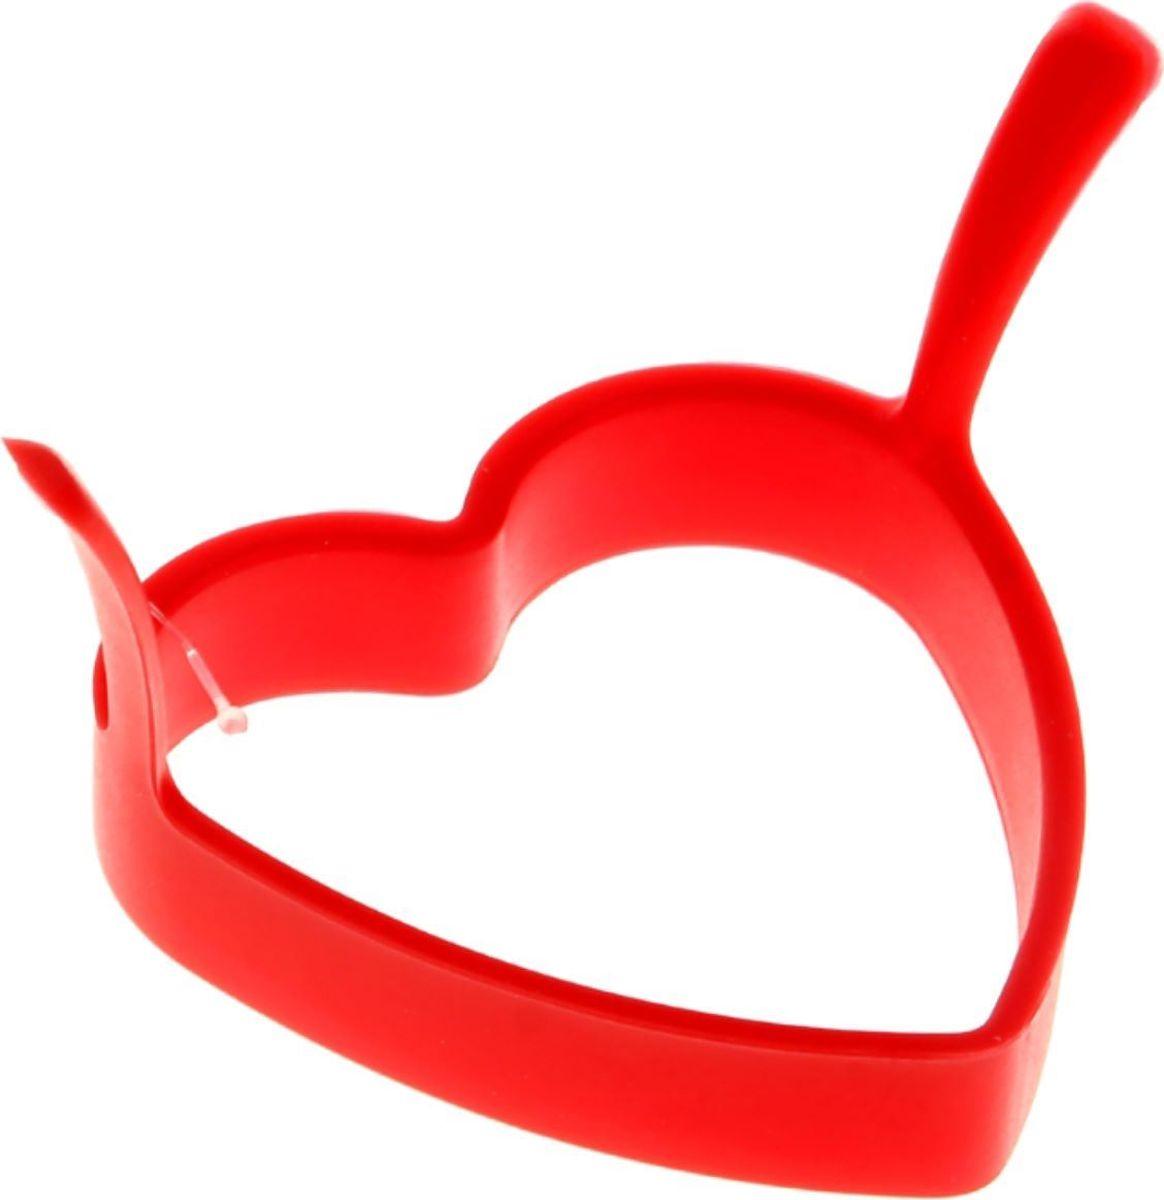 Форма для яичницы и блинов Доляна Сердечко, 8 х 8 см811912Вкусные блины, оладьи, омлеты и яичницы нравятся всем. Сделать хорошо знакомые блюда поводом для кулинарной гордости поможет специальная форма из силикона. Как ей пользоваться? налейте на сковороду масло и поставьте на средний огонь, расположите форму в центре и наполните её тестом или разбейте внутрь яйцо, обжаривайте до готовности. Силикон обладает важными достоинствами: выдерживает температуру от ?40 до +230 °C; не обжигает руки при готовке; легко отмывается, в том числе в посудомоечной машине; благодаря высокой гибкости и прочности служит долгое время.